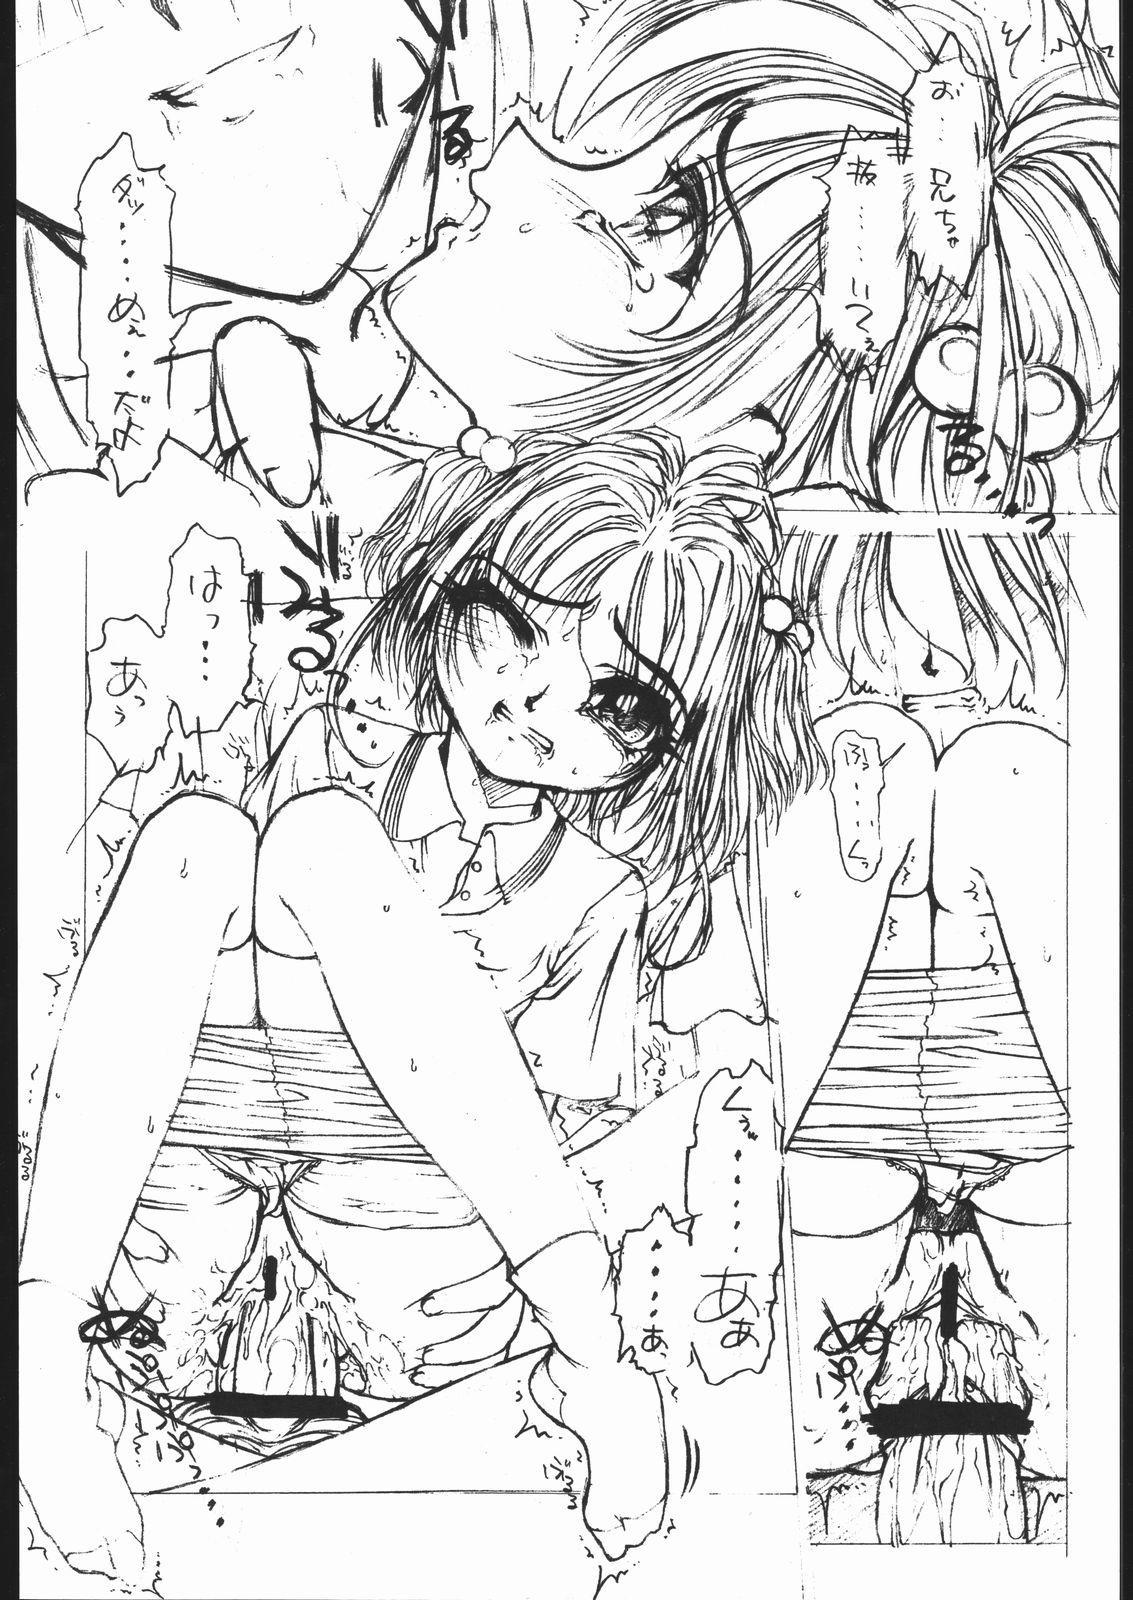 Plus 7 Sakura Sono 2 Hon 10